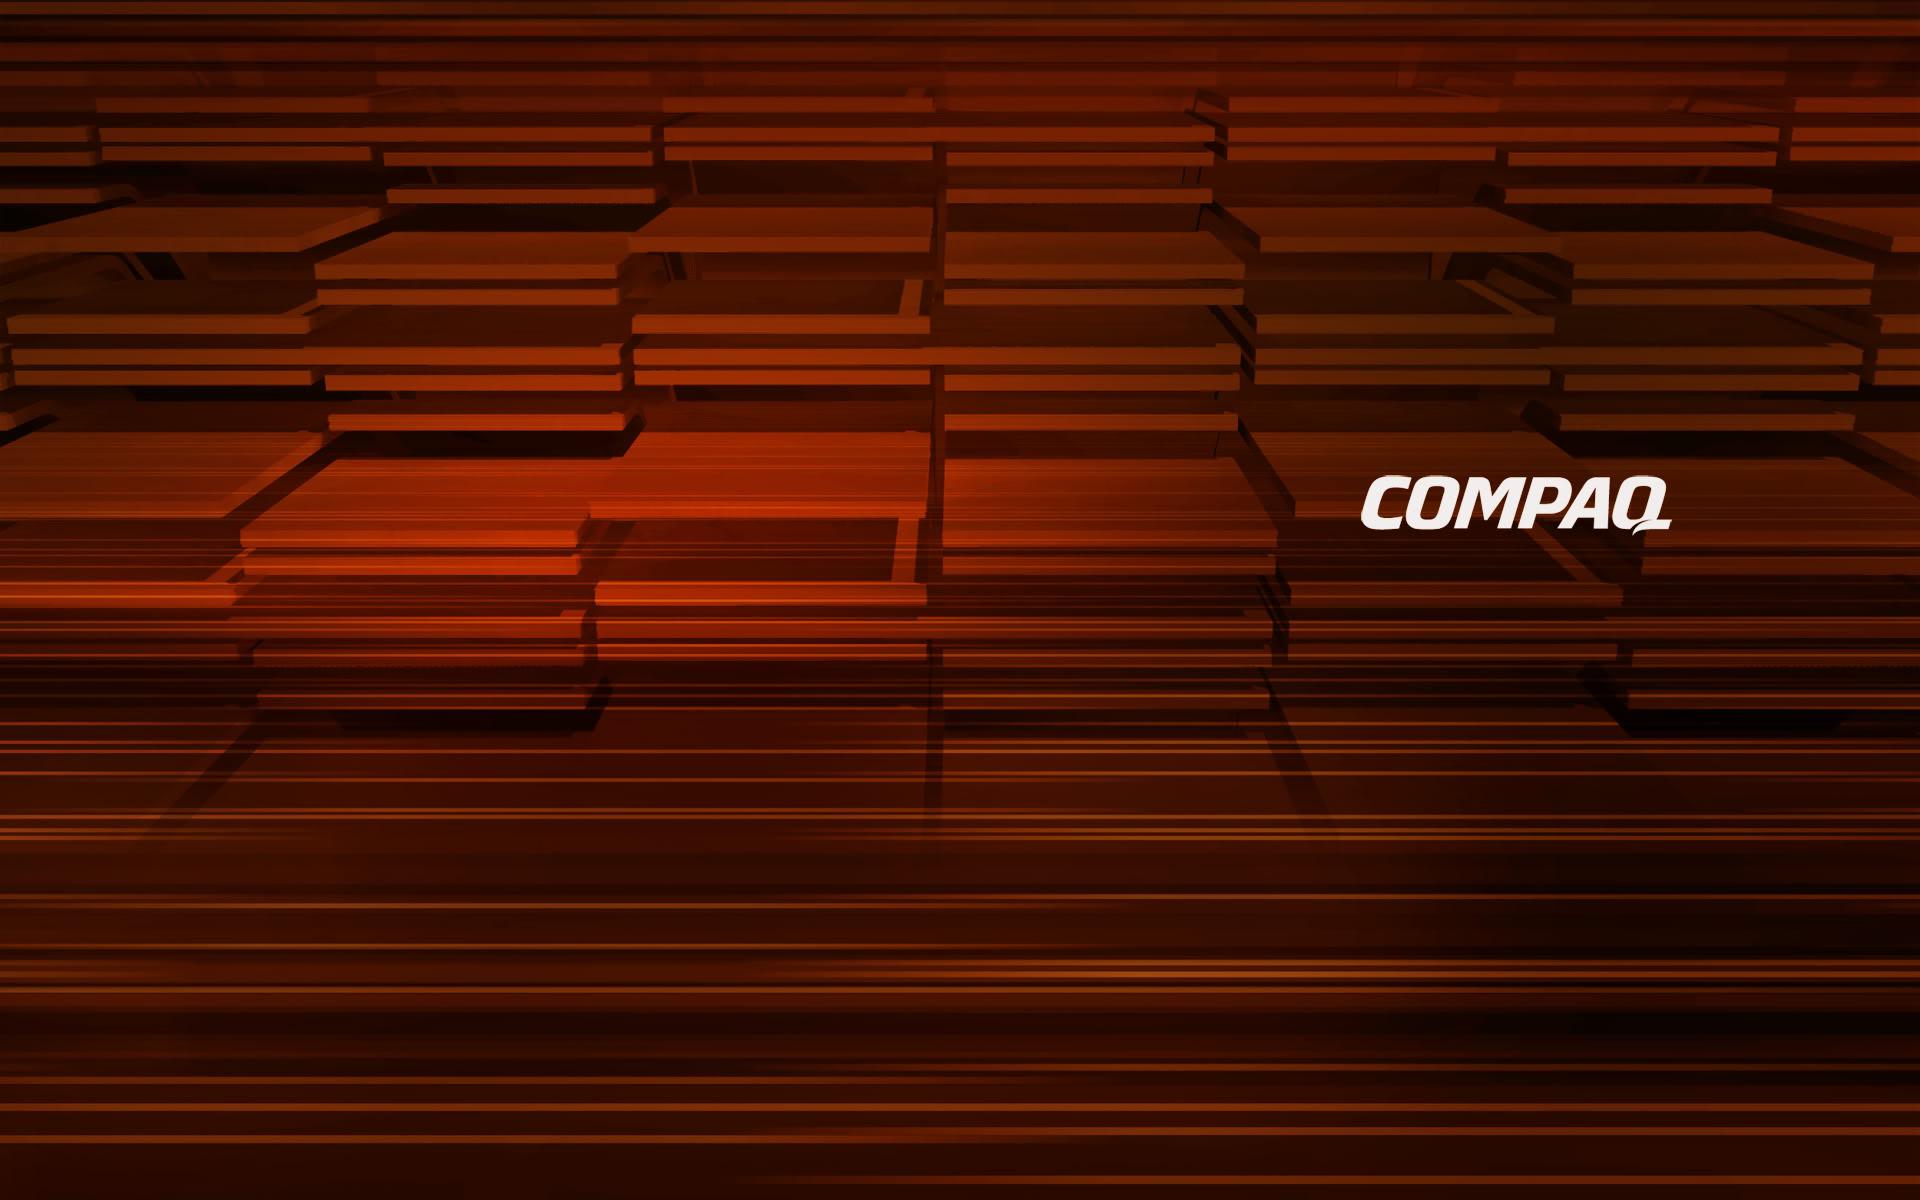 compaq wallpaper 27016